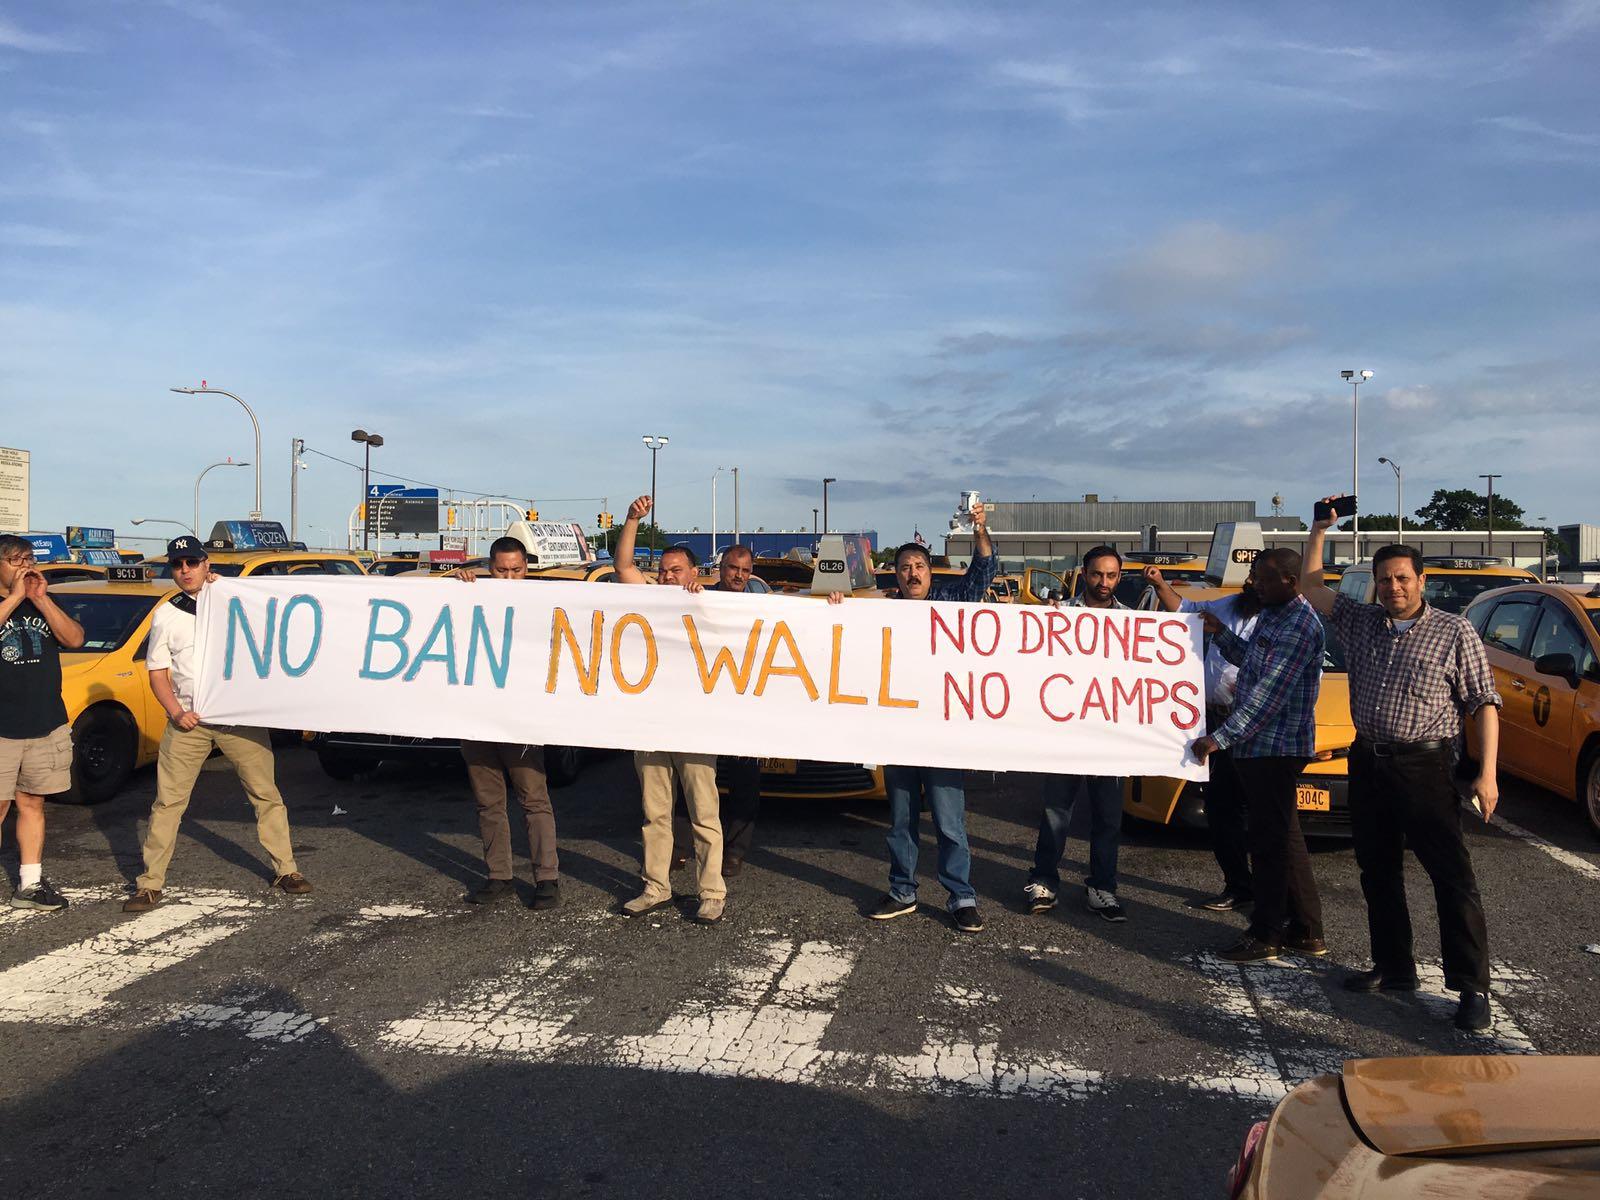 NYTWA members at JFK to say: NO BAN, NO WALL, NO DRONES, NO CAMPS